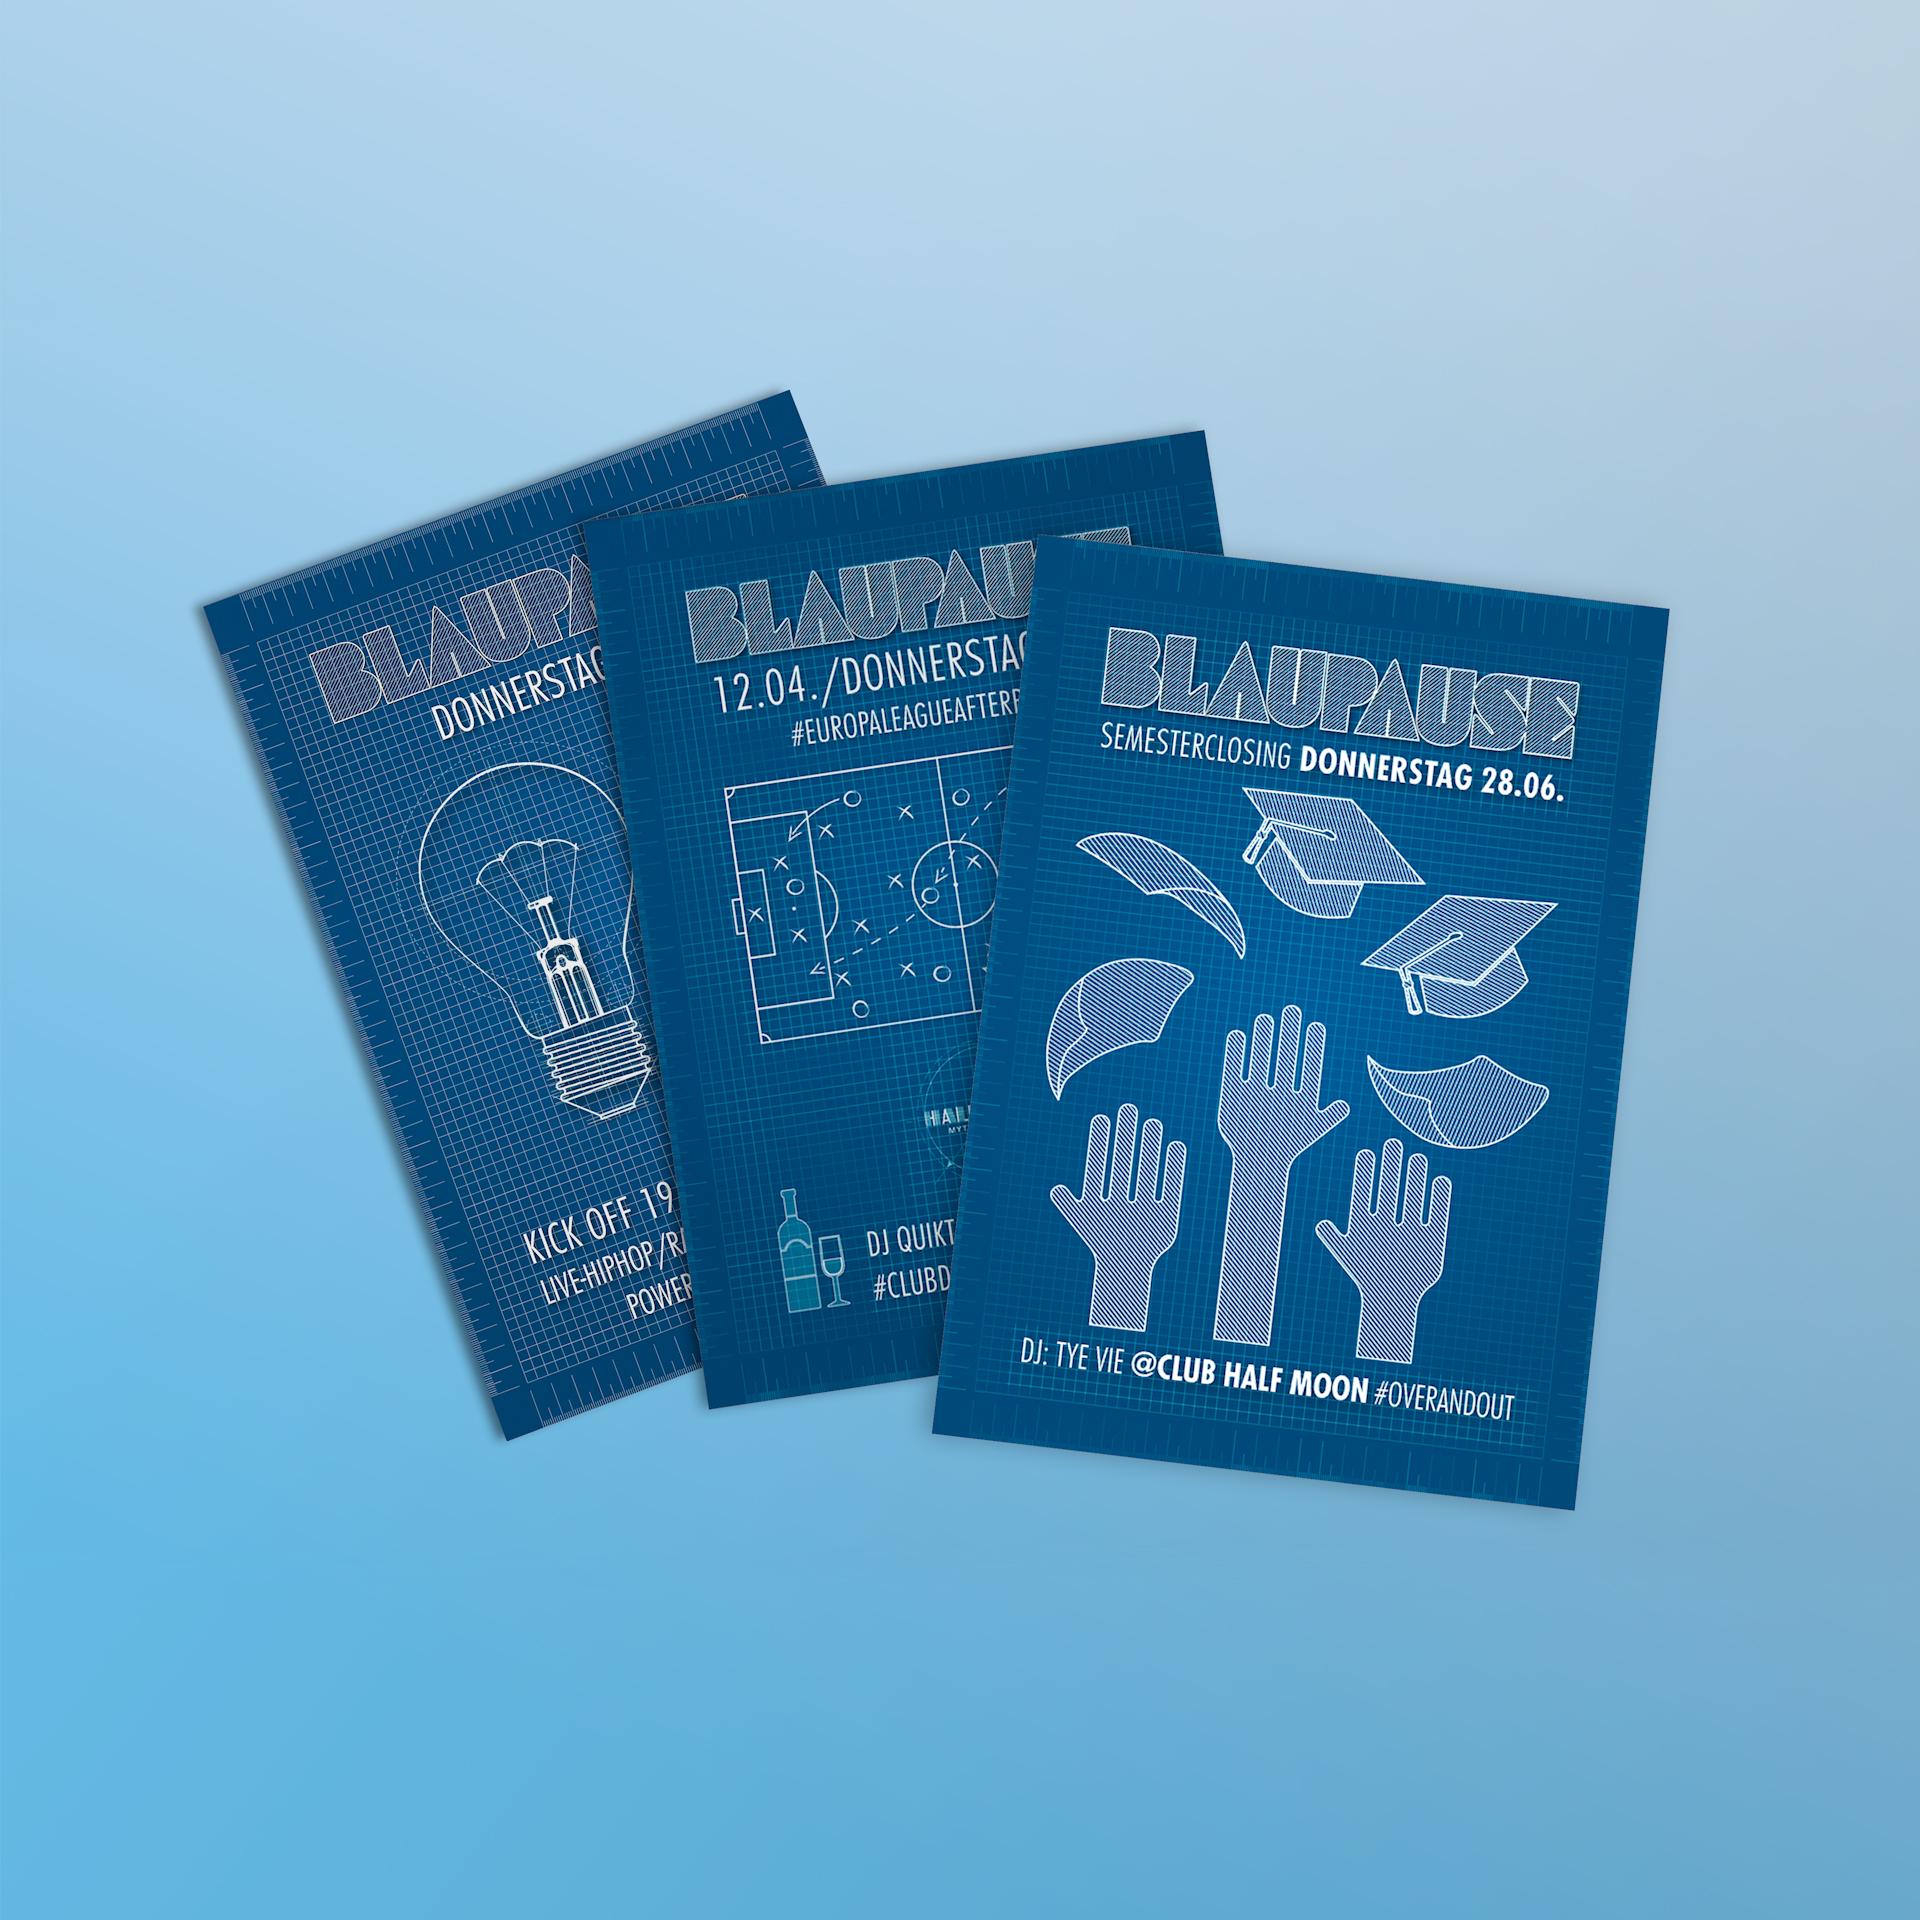 Blaupause: Die Anleitung zum Feiern